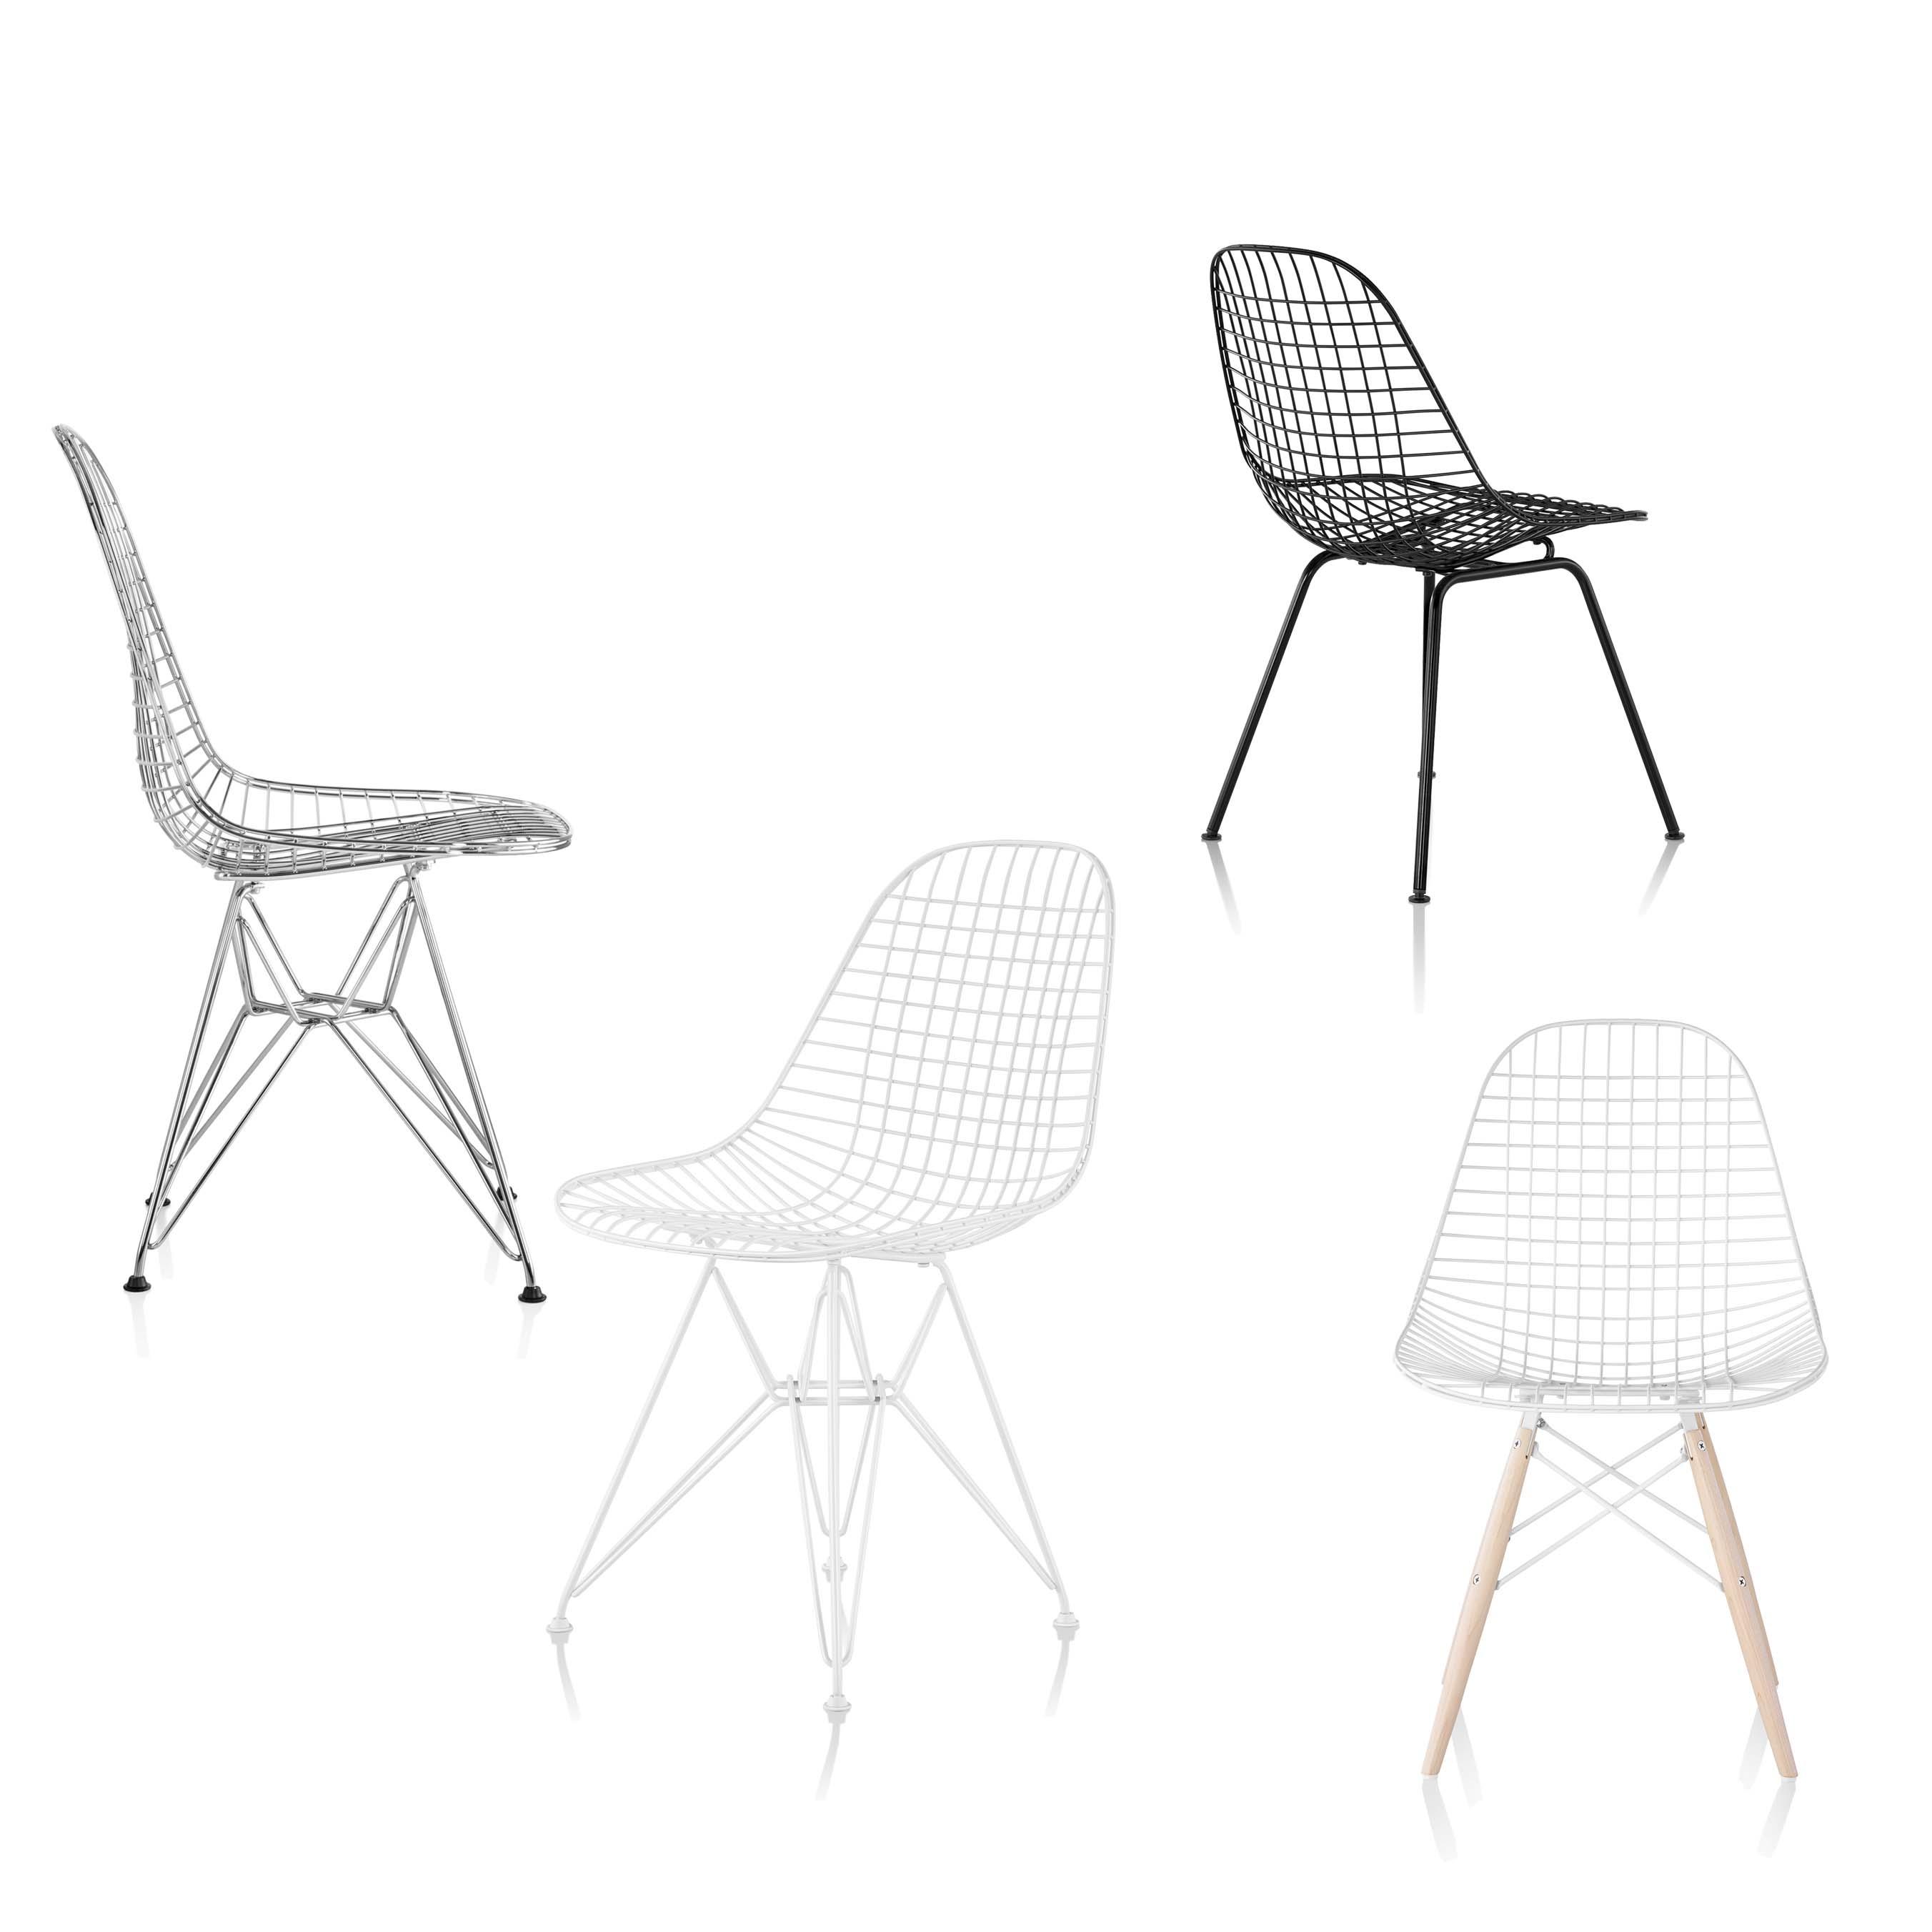 【ハーマンミラー正規販売店】 イームズワイヤーチェア Eames Wire Chair